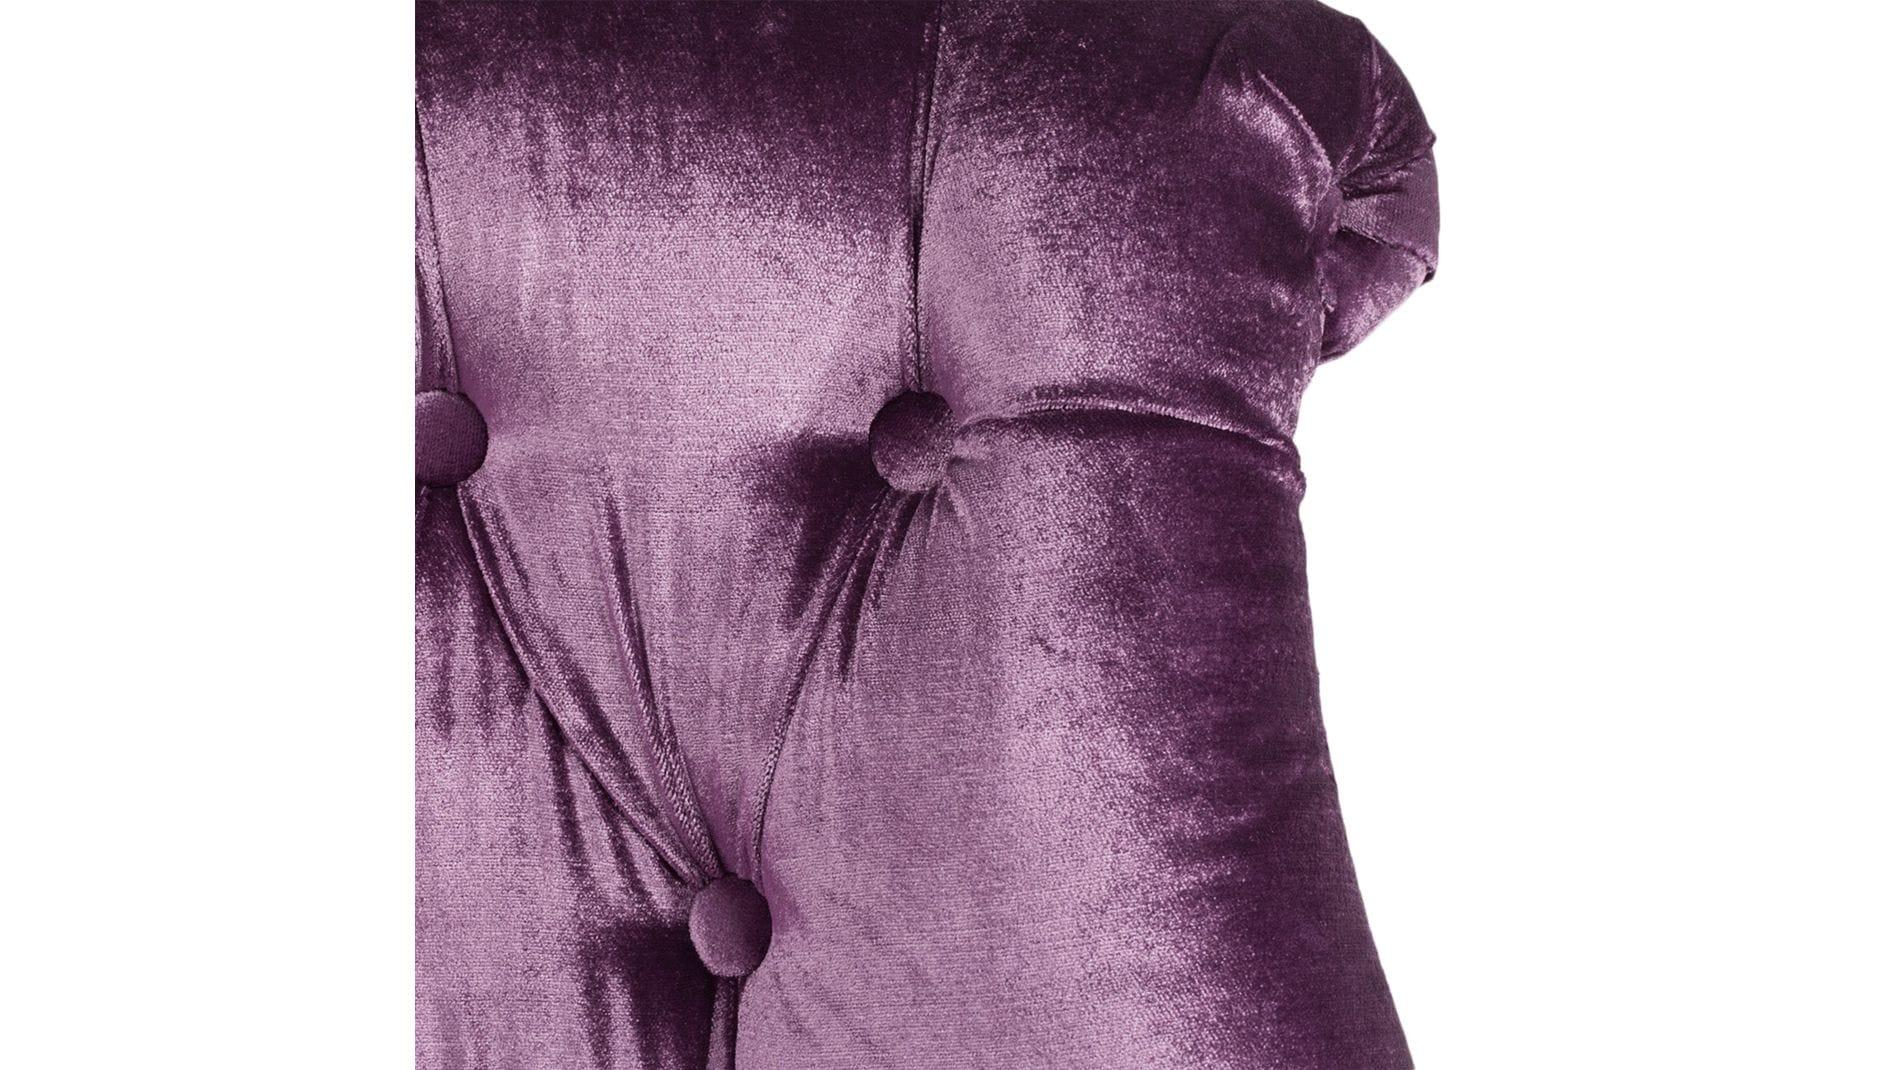 Кресло Sophie Tufted Slipper Chair Фиолетовый Микровелюр М